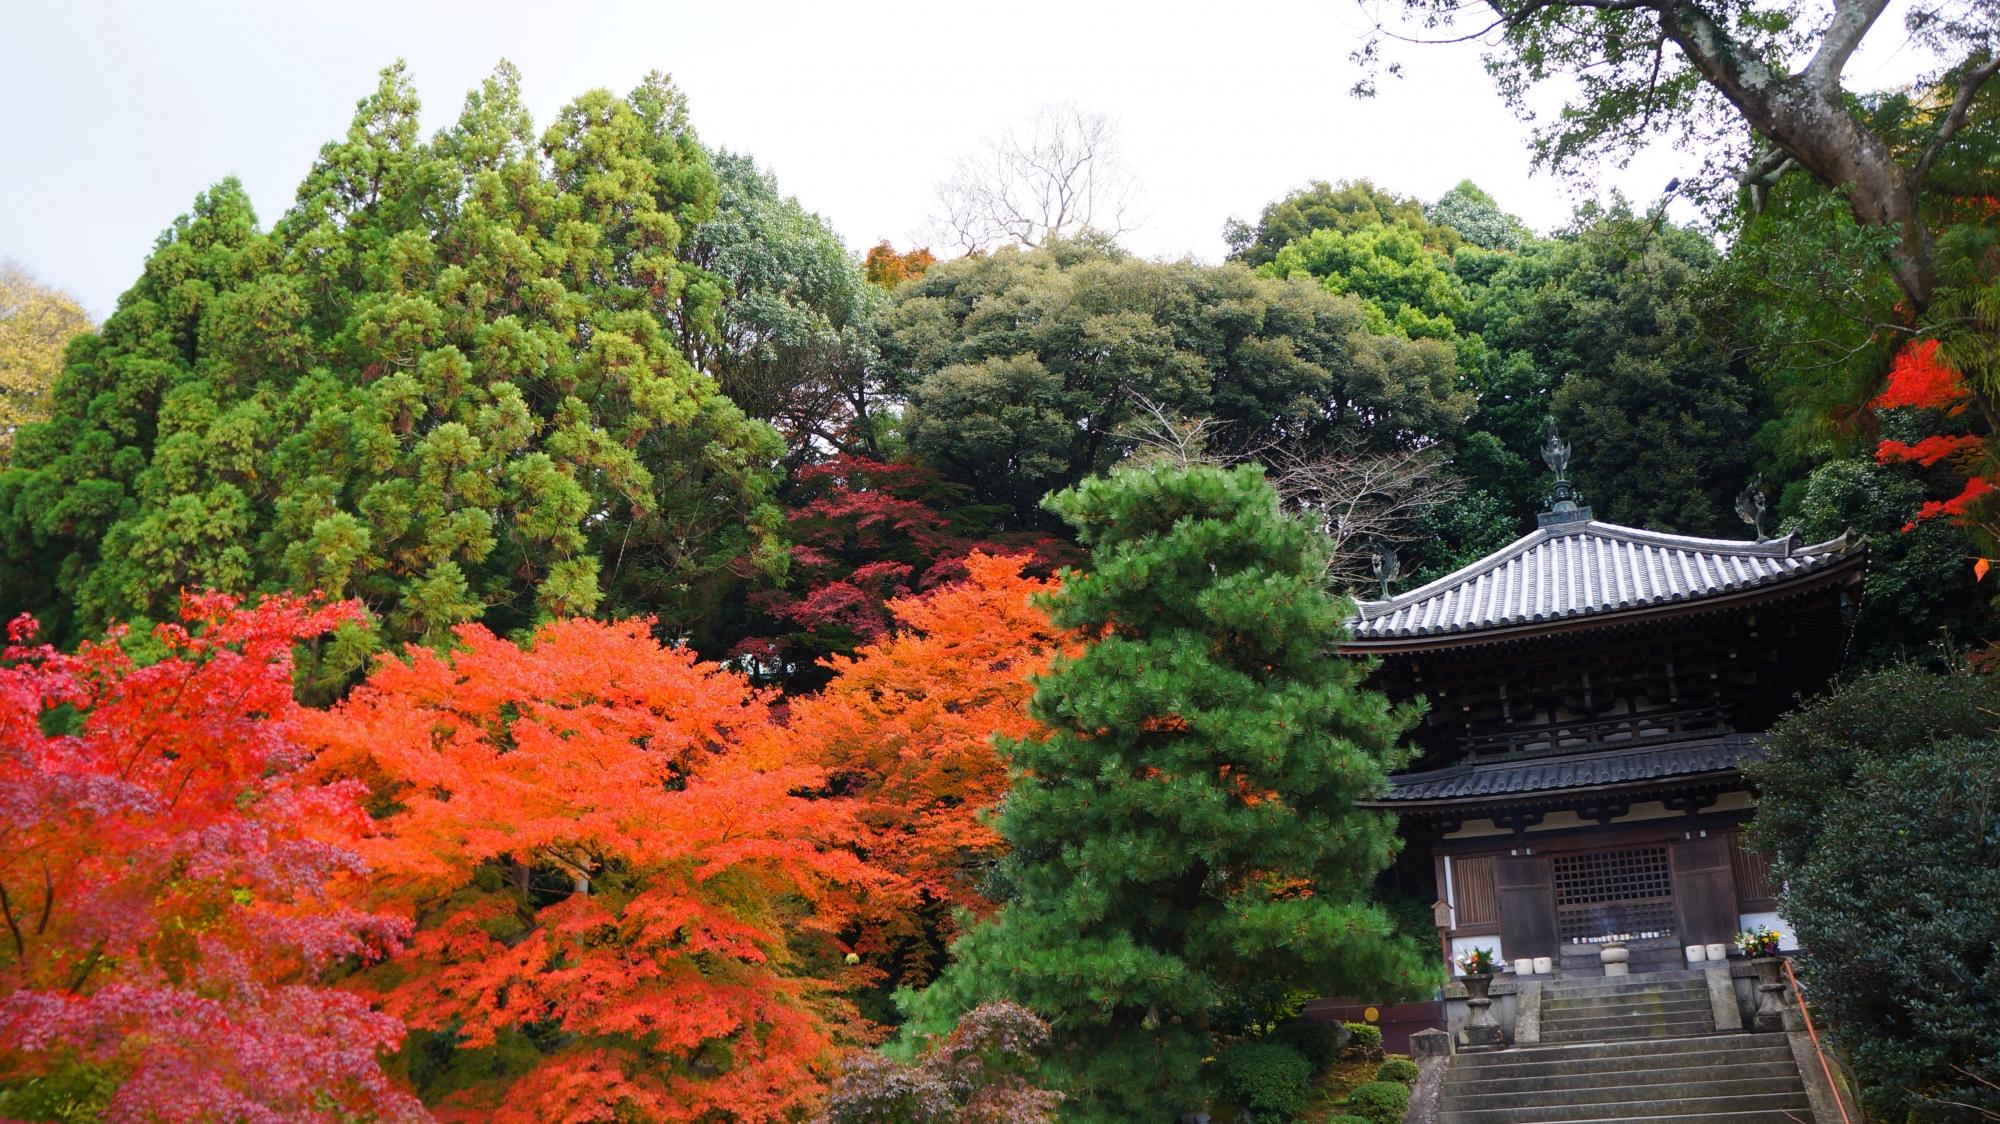 知恩院の納骨堂と多彩な紅葉